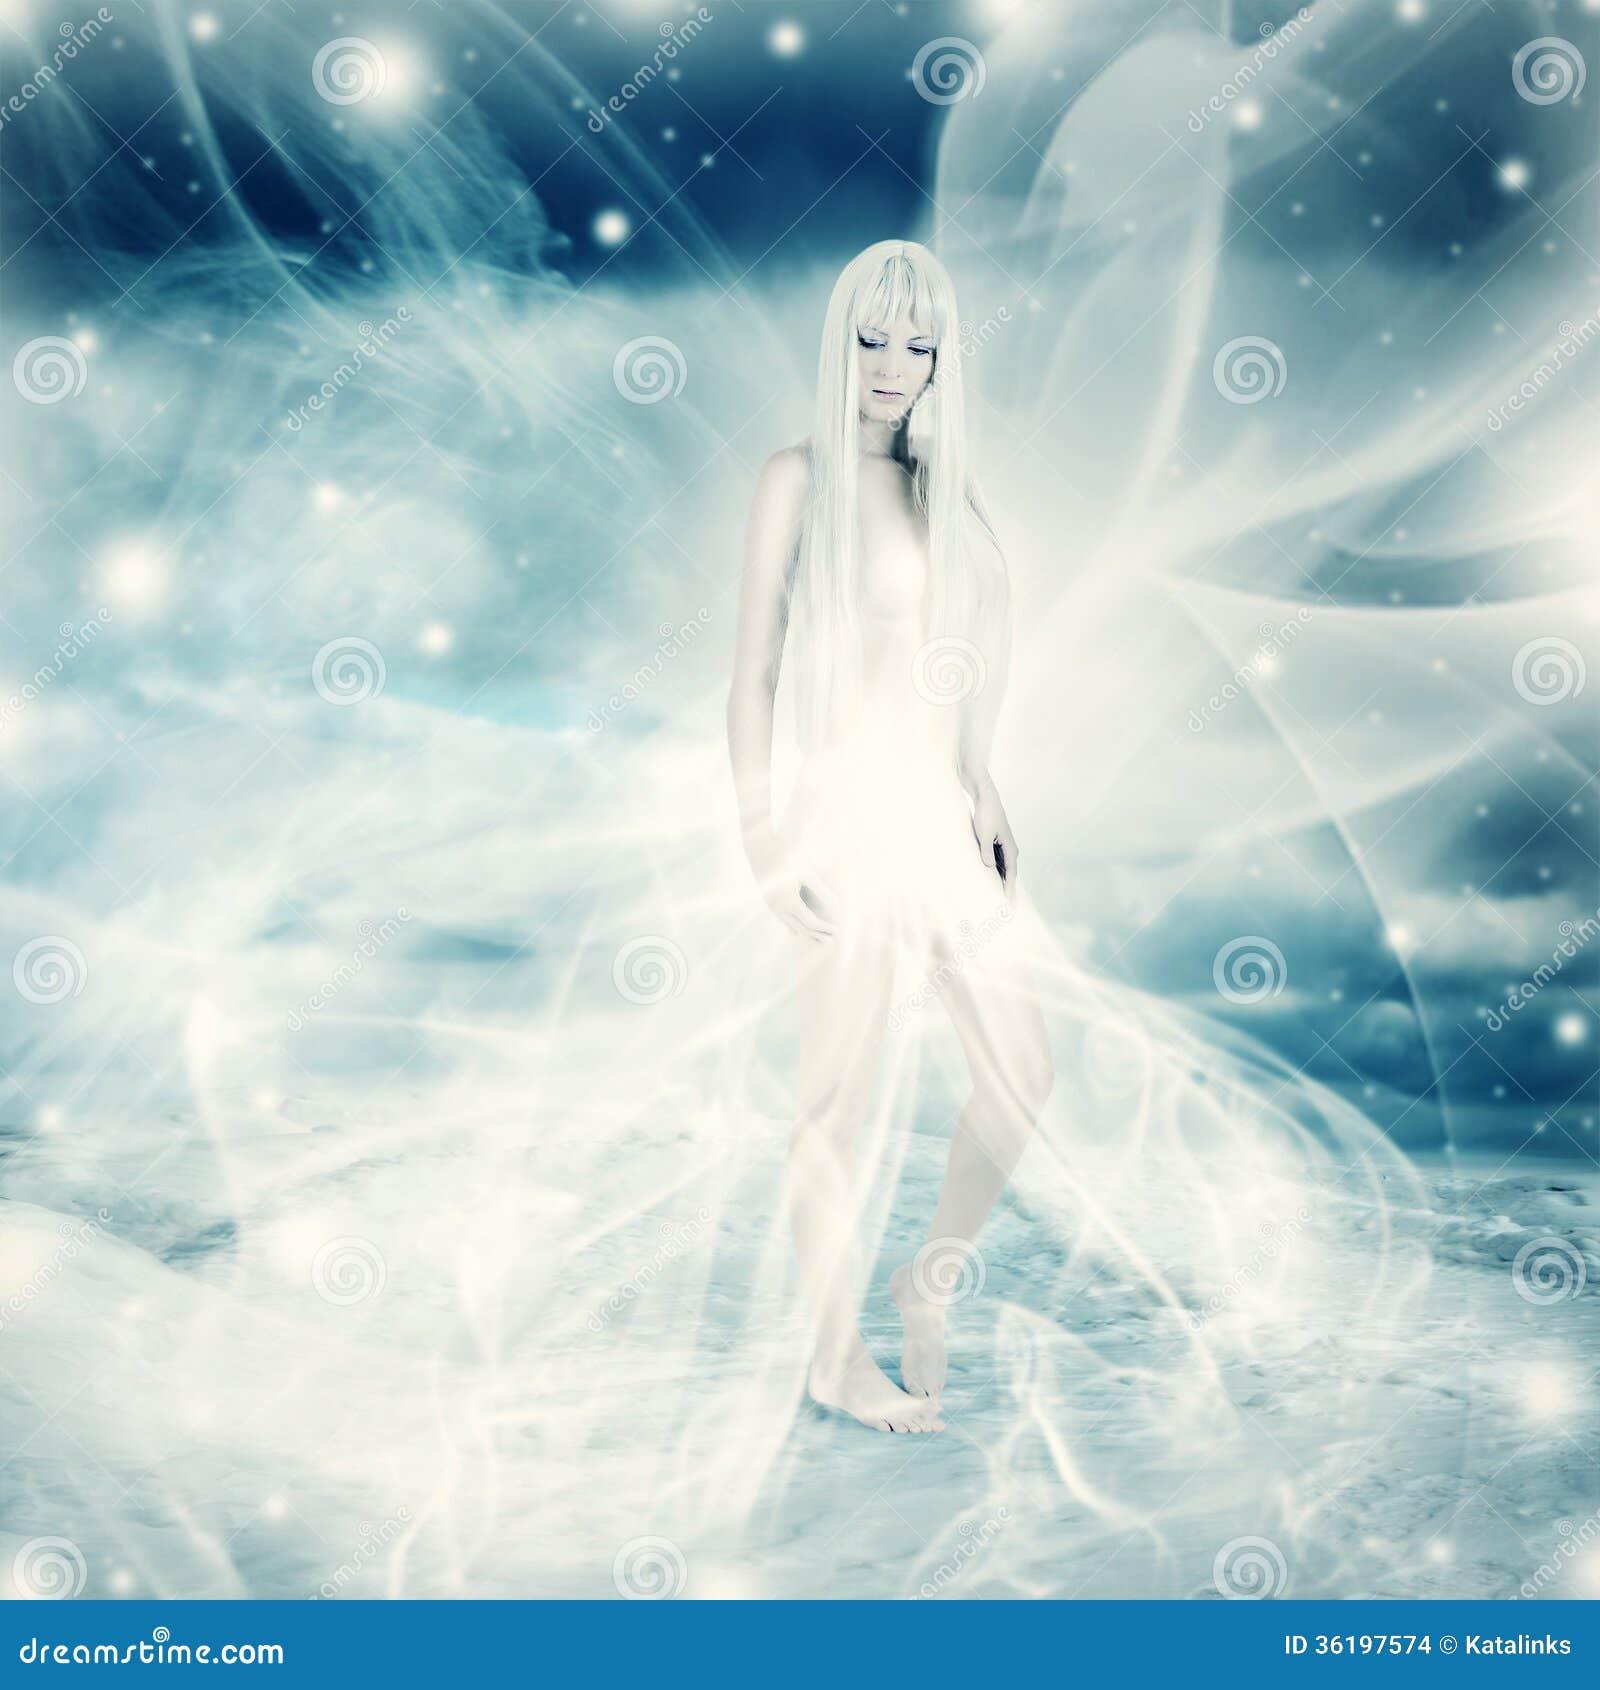 white wind: